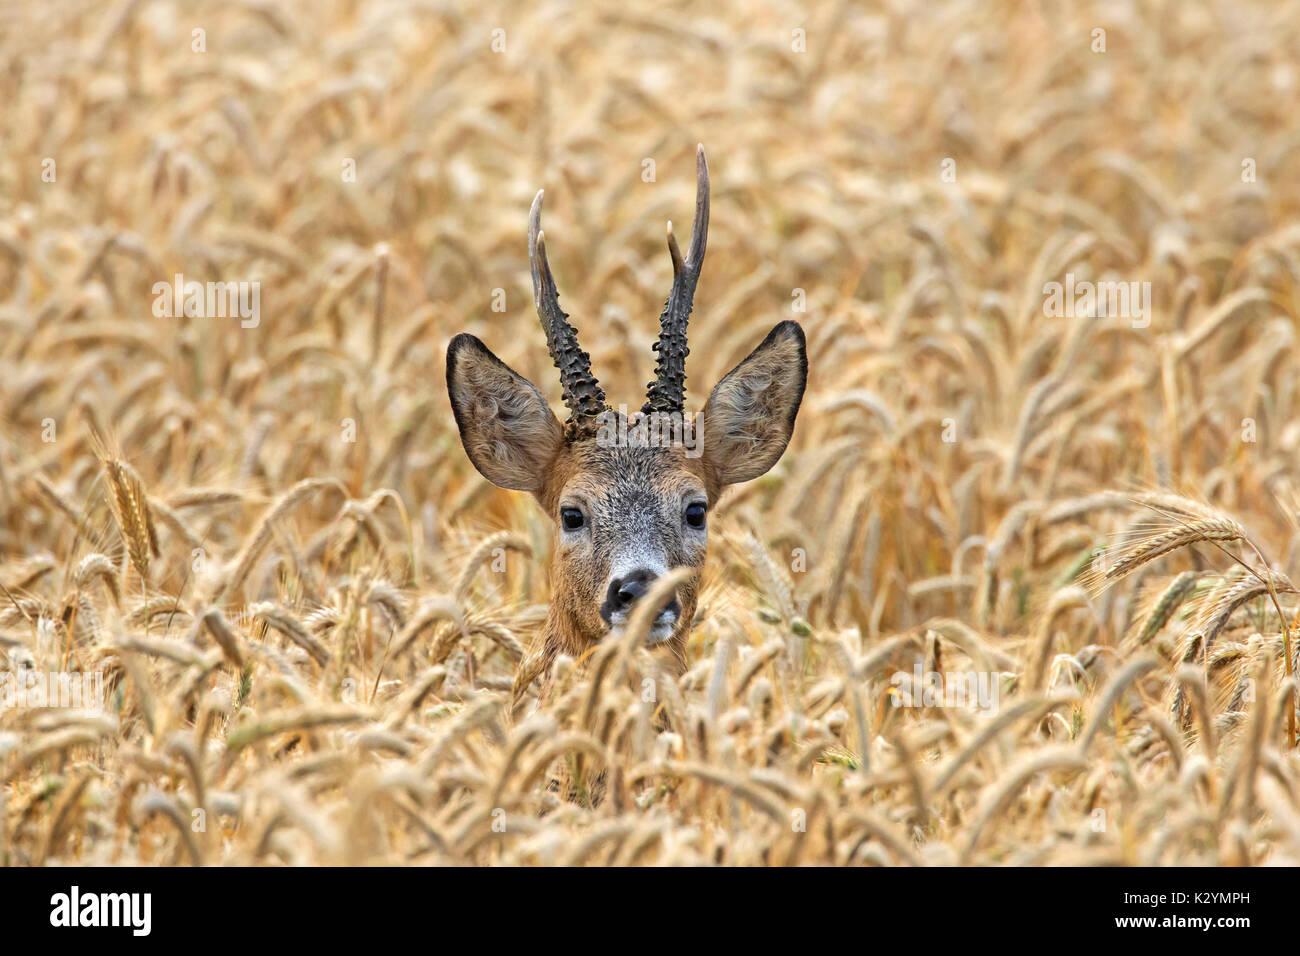 Le chevreuil (Capreolus capreolus) buck se cachant dans des champs de céréales en été Photo Stock